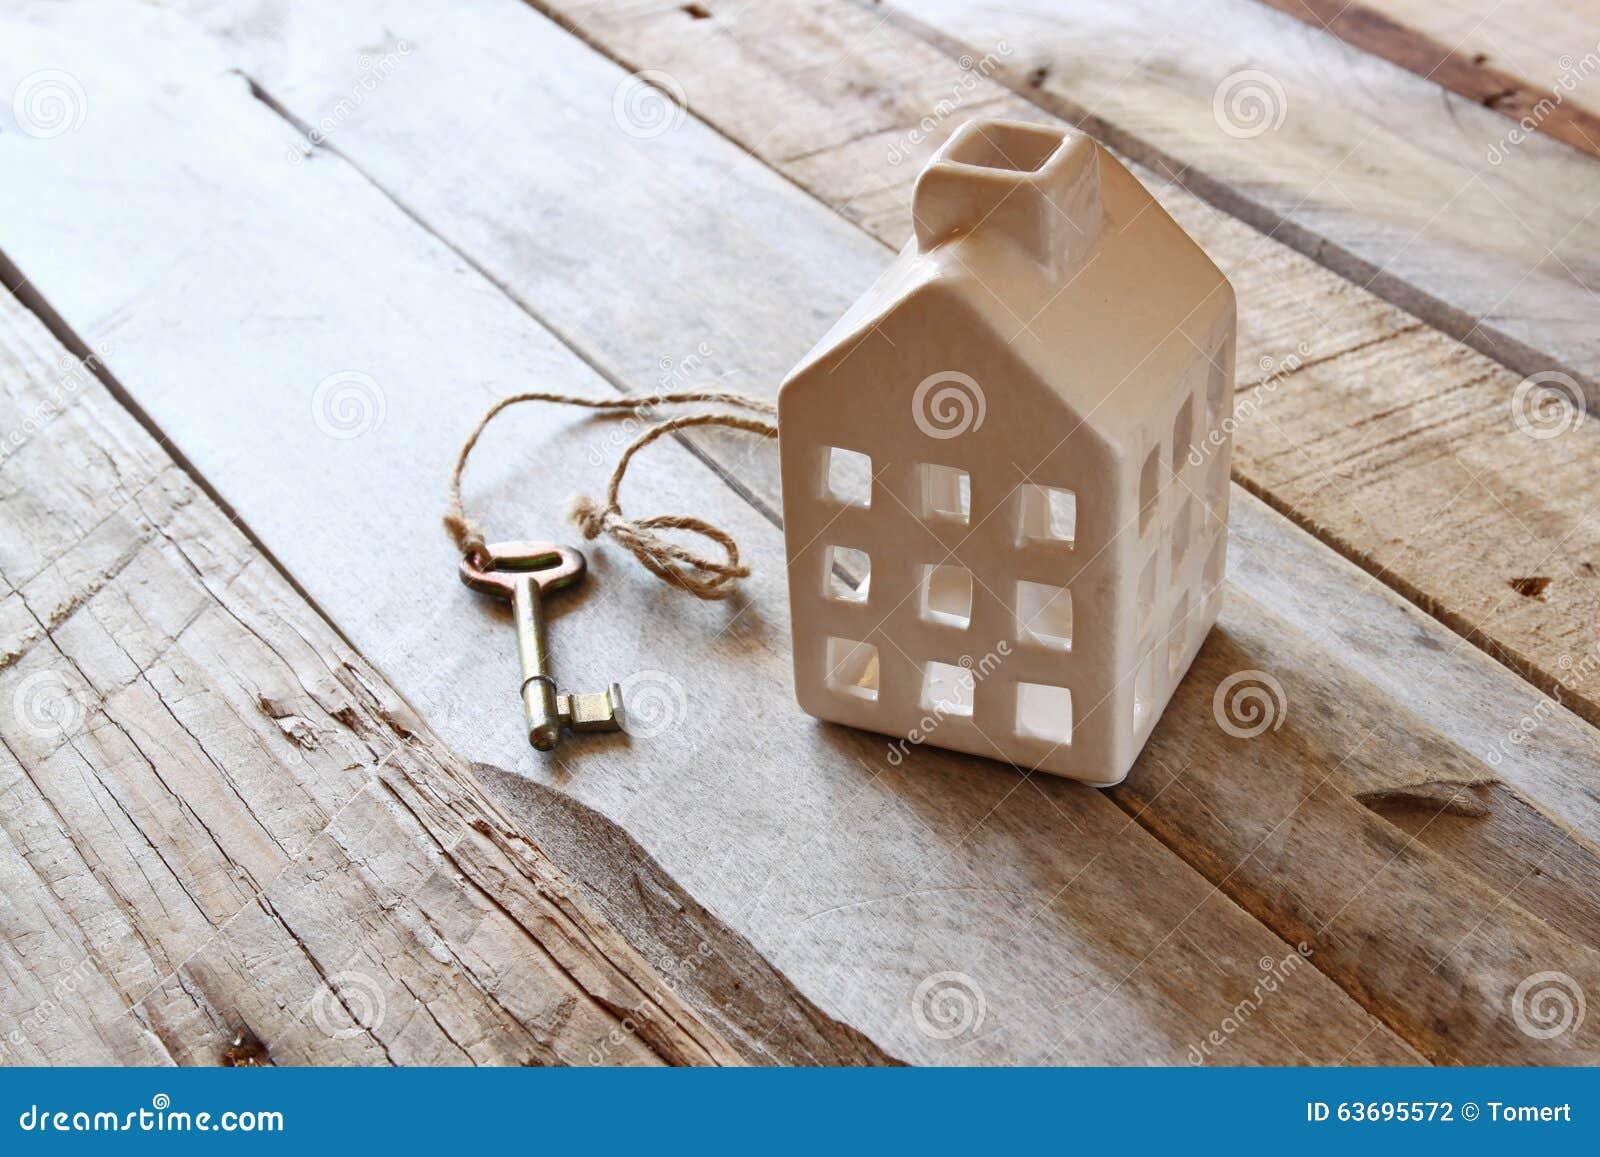 Imagem da casa diminuta pequena e chave velha sobre a tabela de madeira rústica